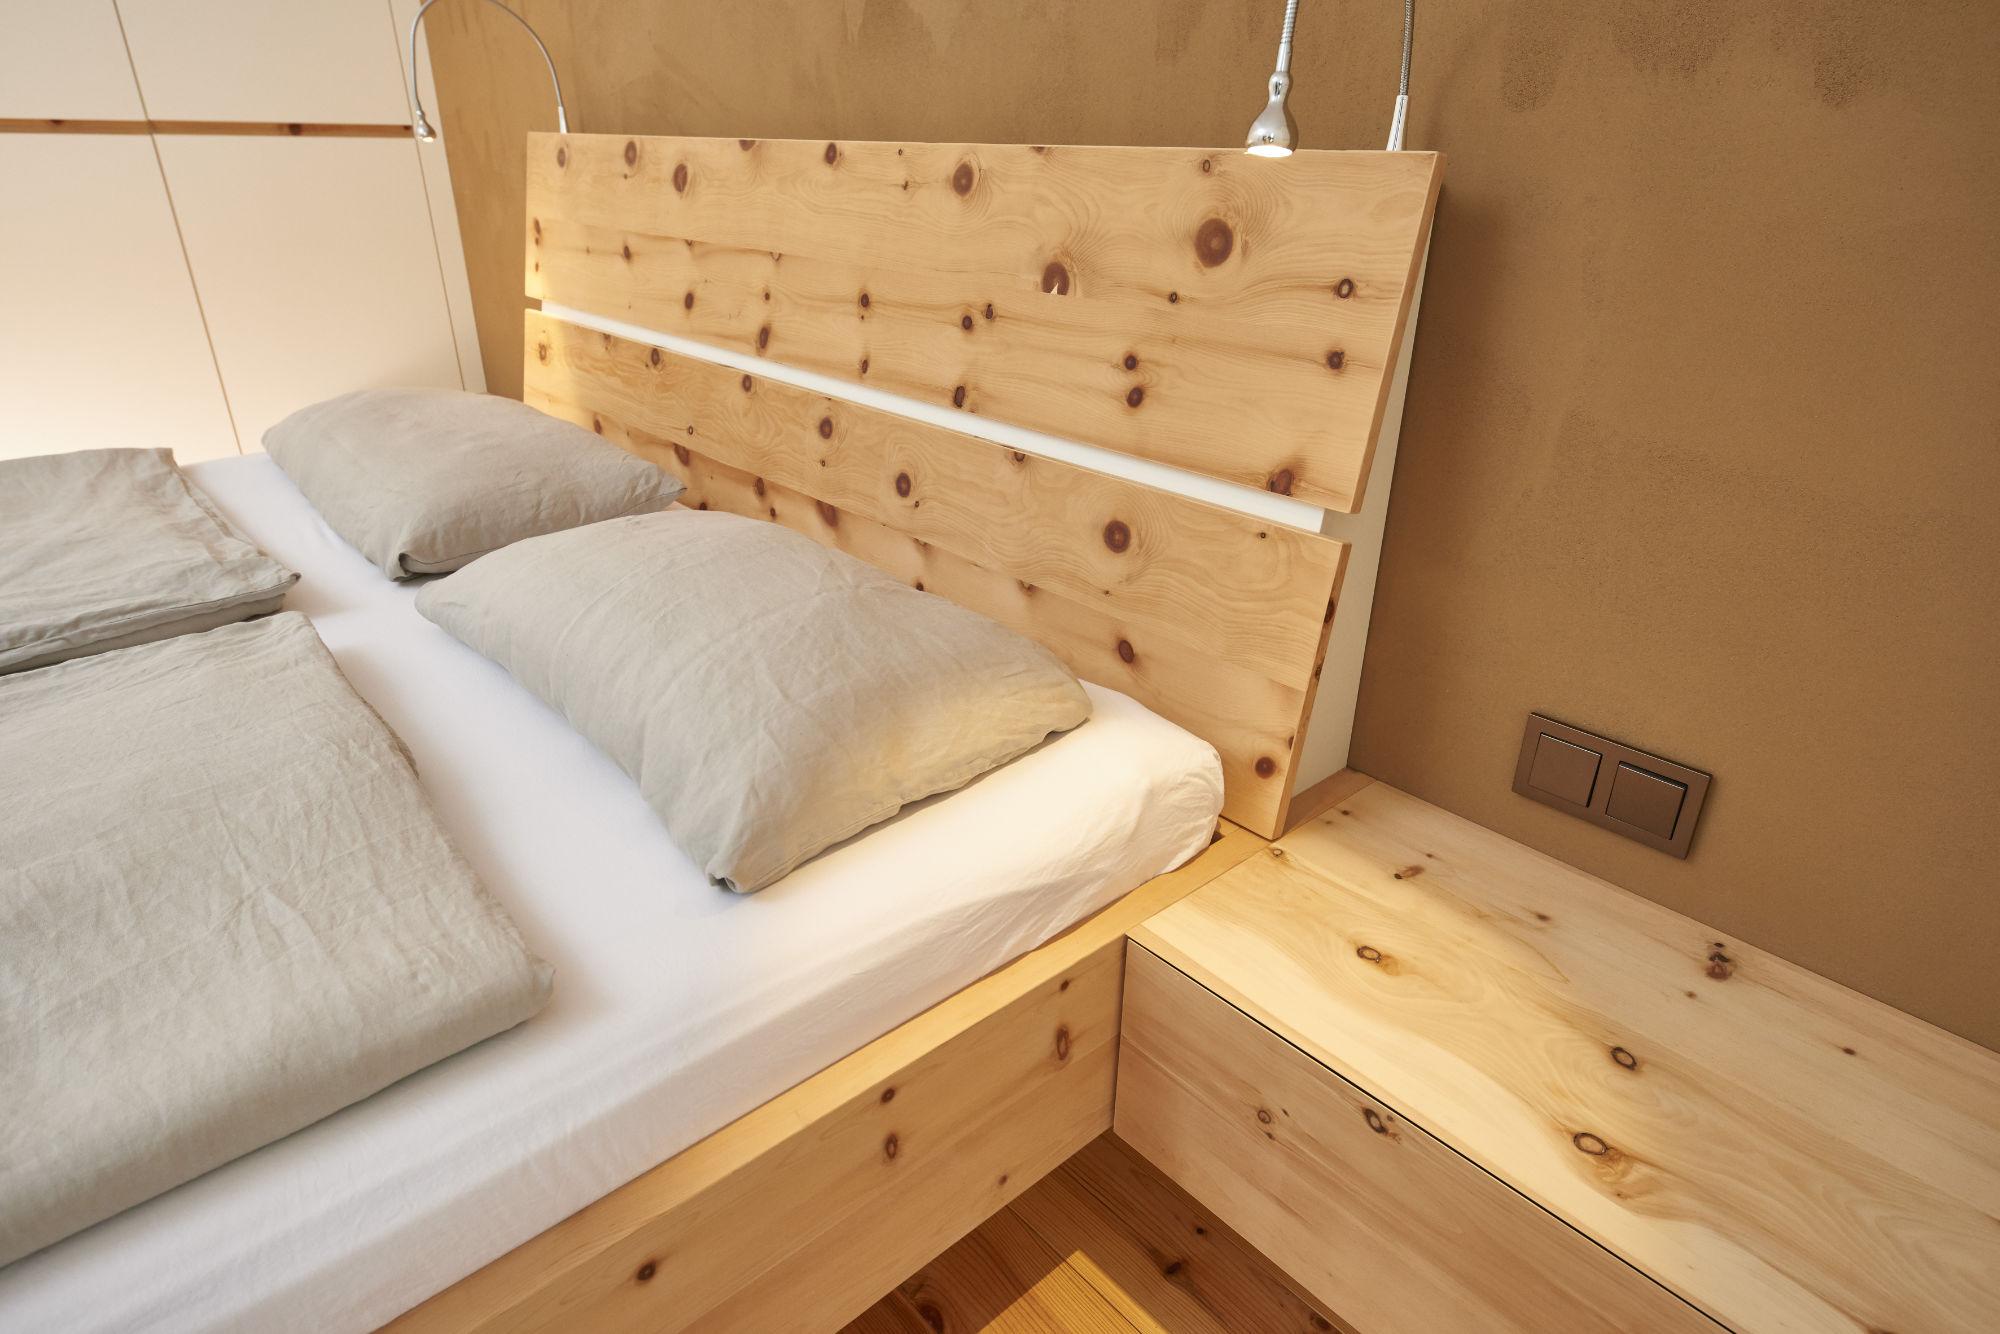 schlafzimmer 4 - möbel bühler - schorndorf, Schlafzimmer entwurf